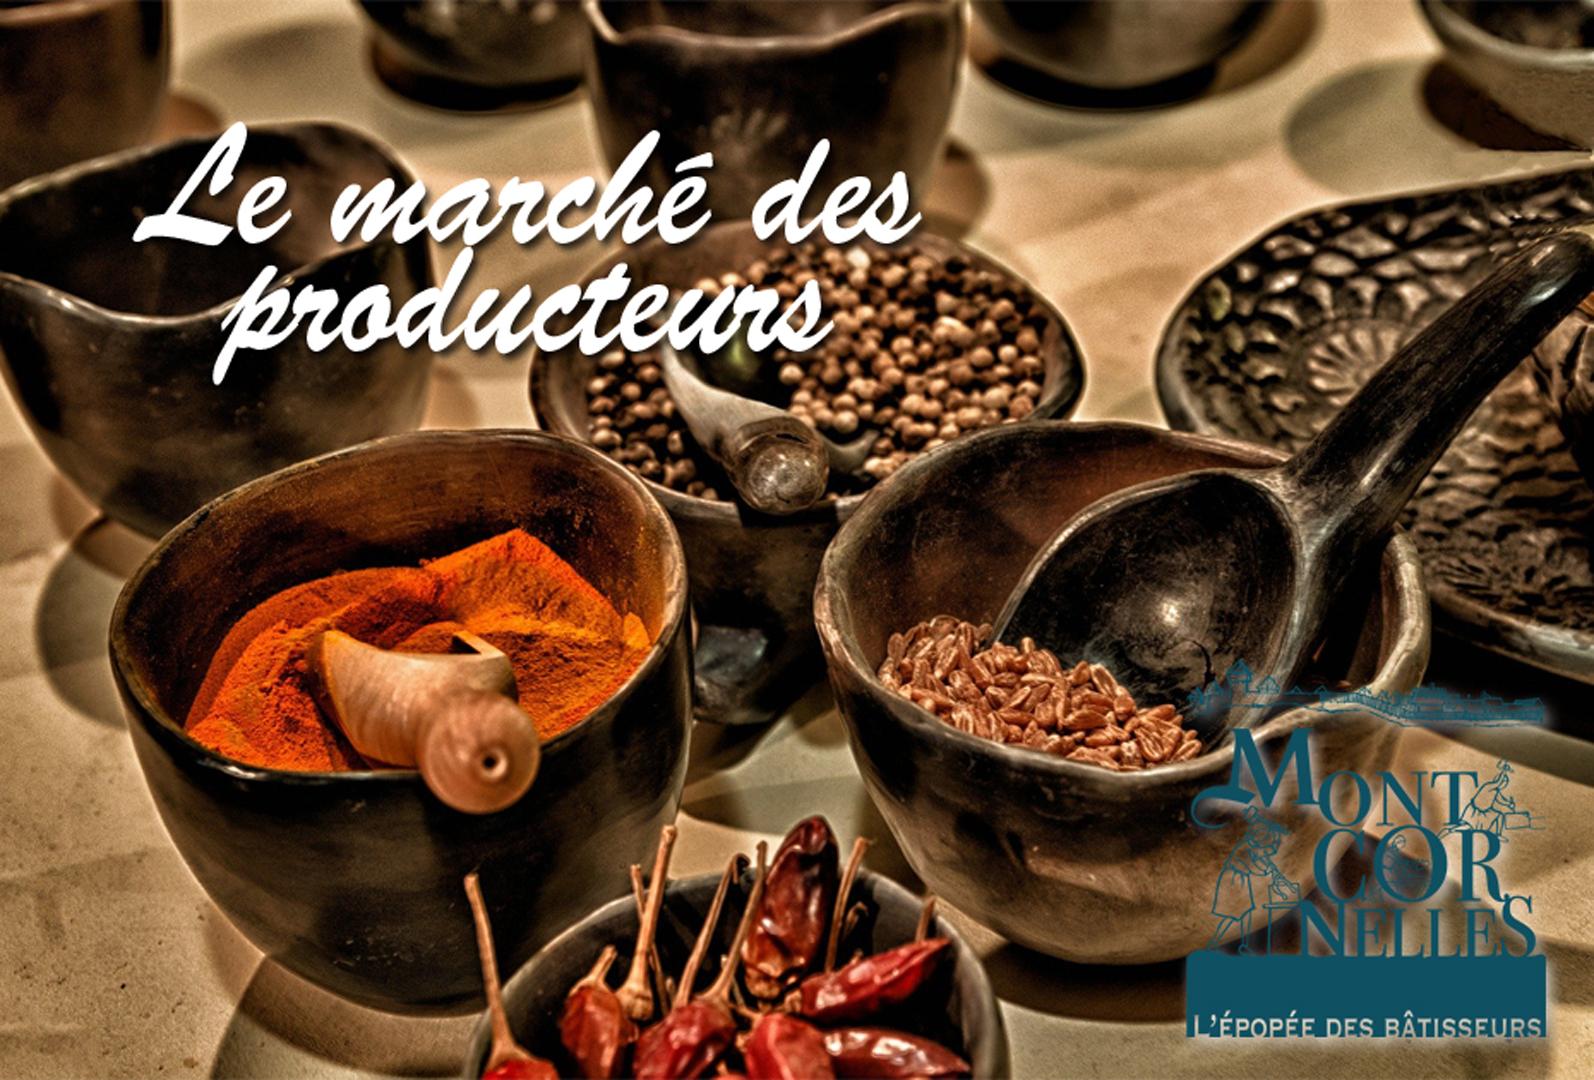 Montcornelles marché producteurs